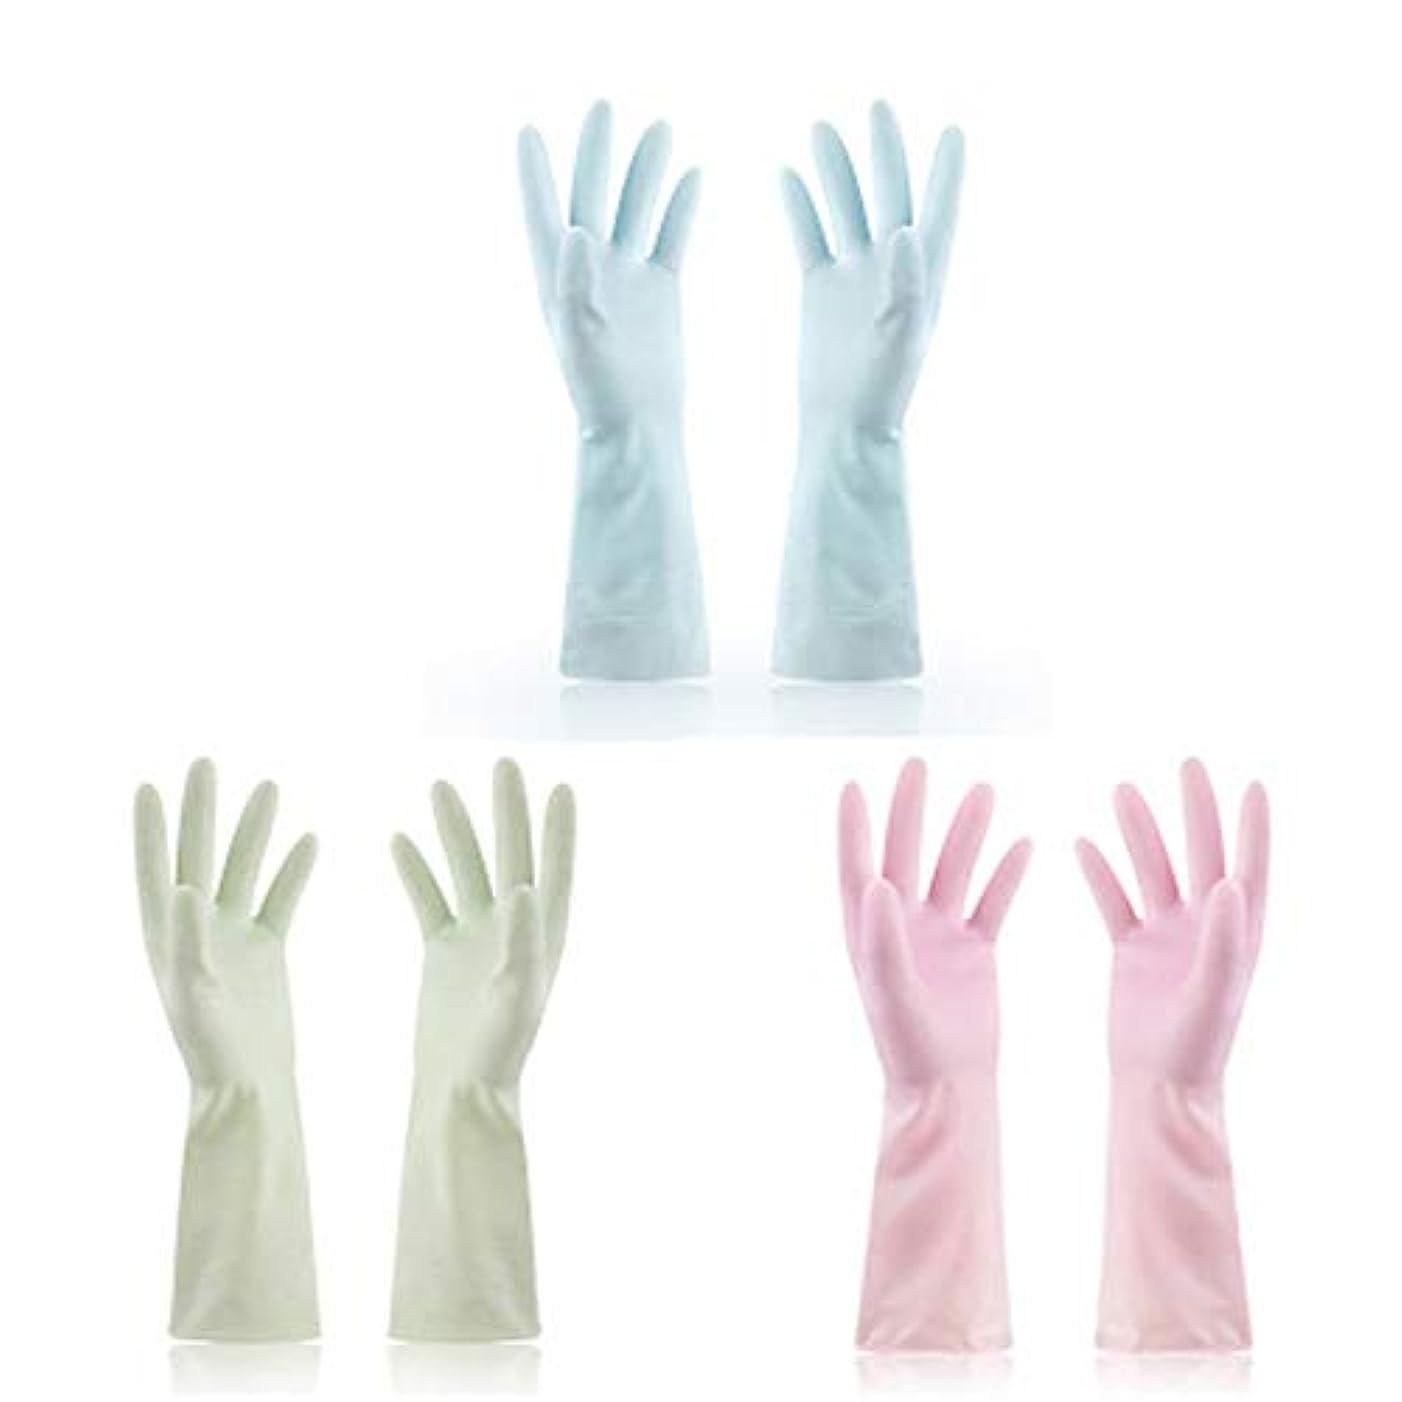 オーナメント超える刈る使い捨て手袋 使い捨て手袋防水ラテックス焦げ付き防止ゴム製ゴム製台所手袋、3組 ニトリルゴム手袋 (Color : Multi-colored, Size : M)